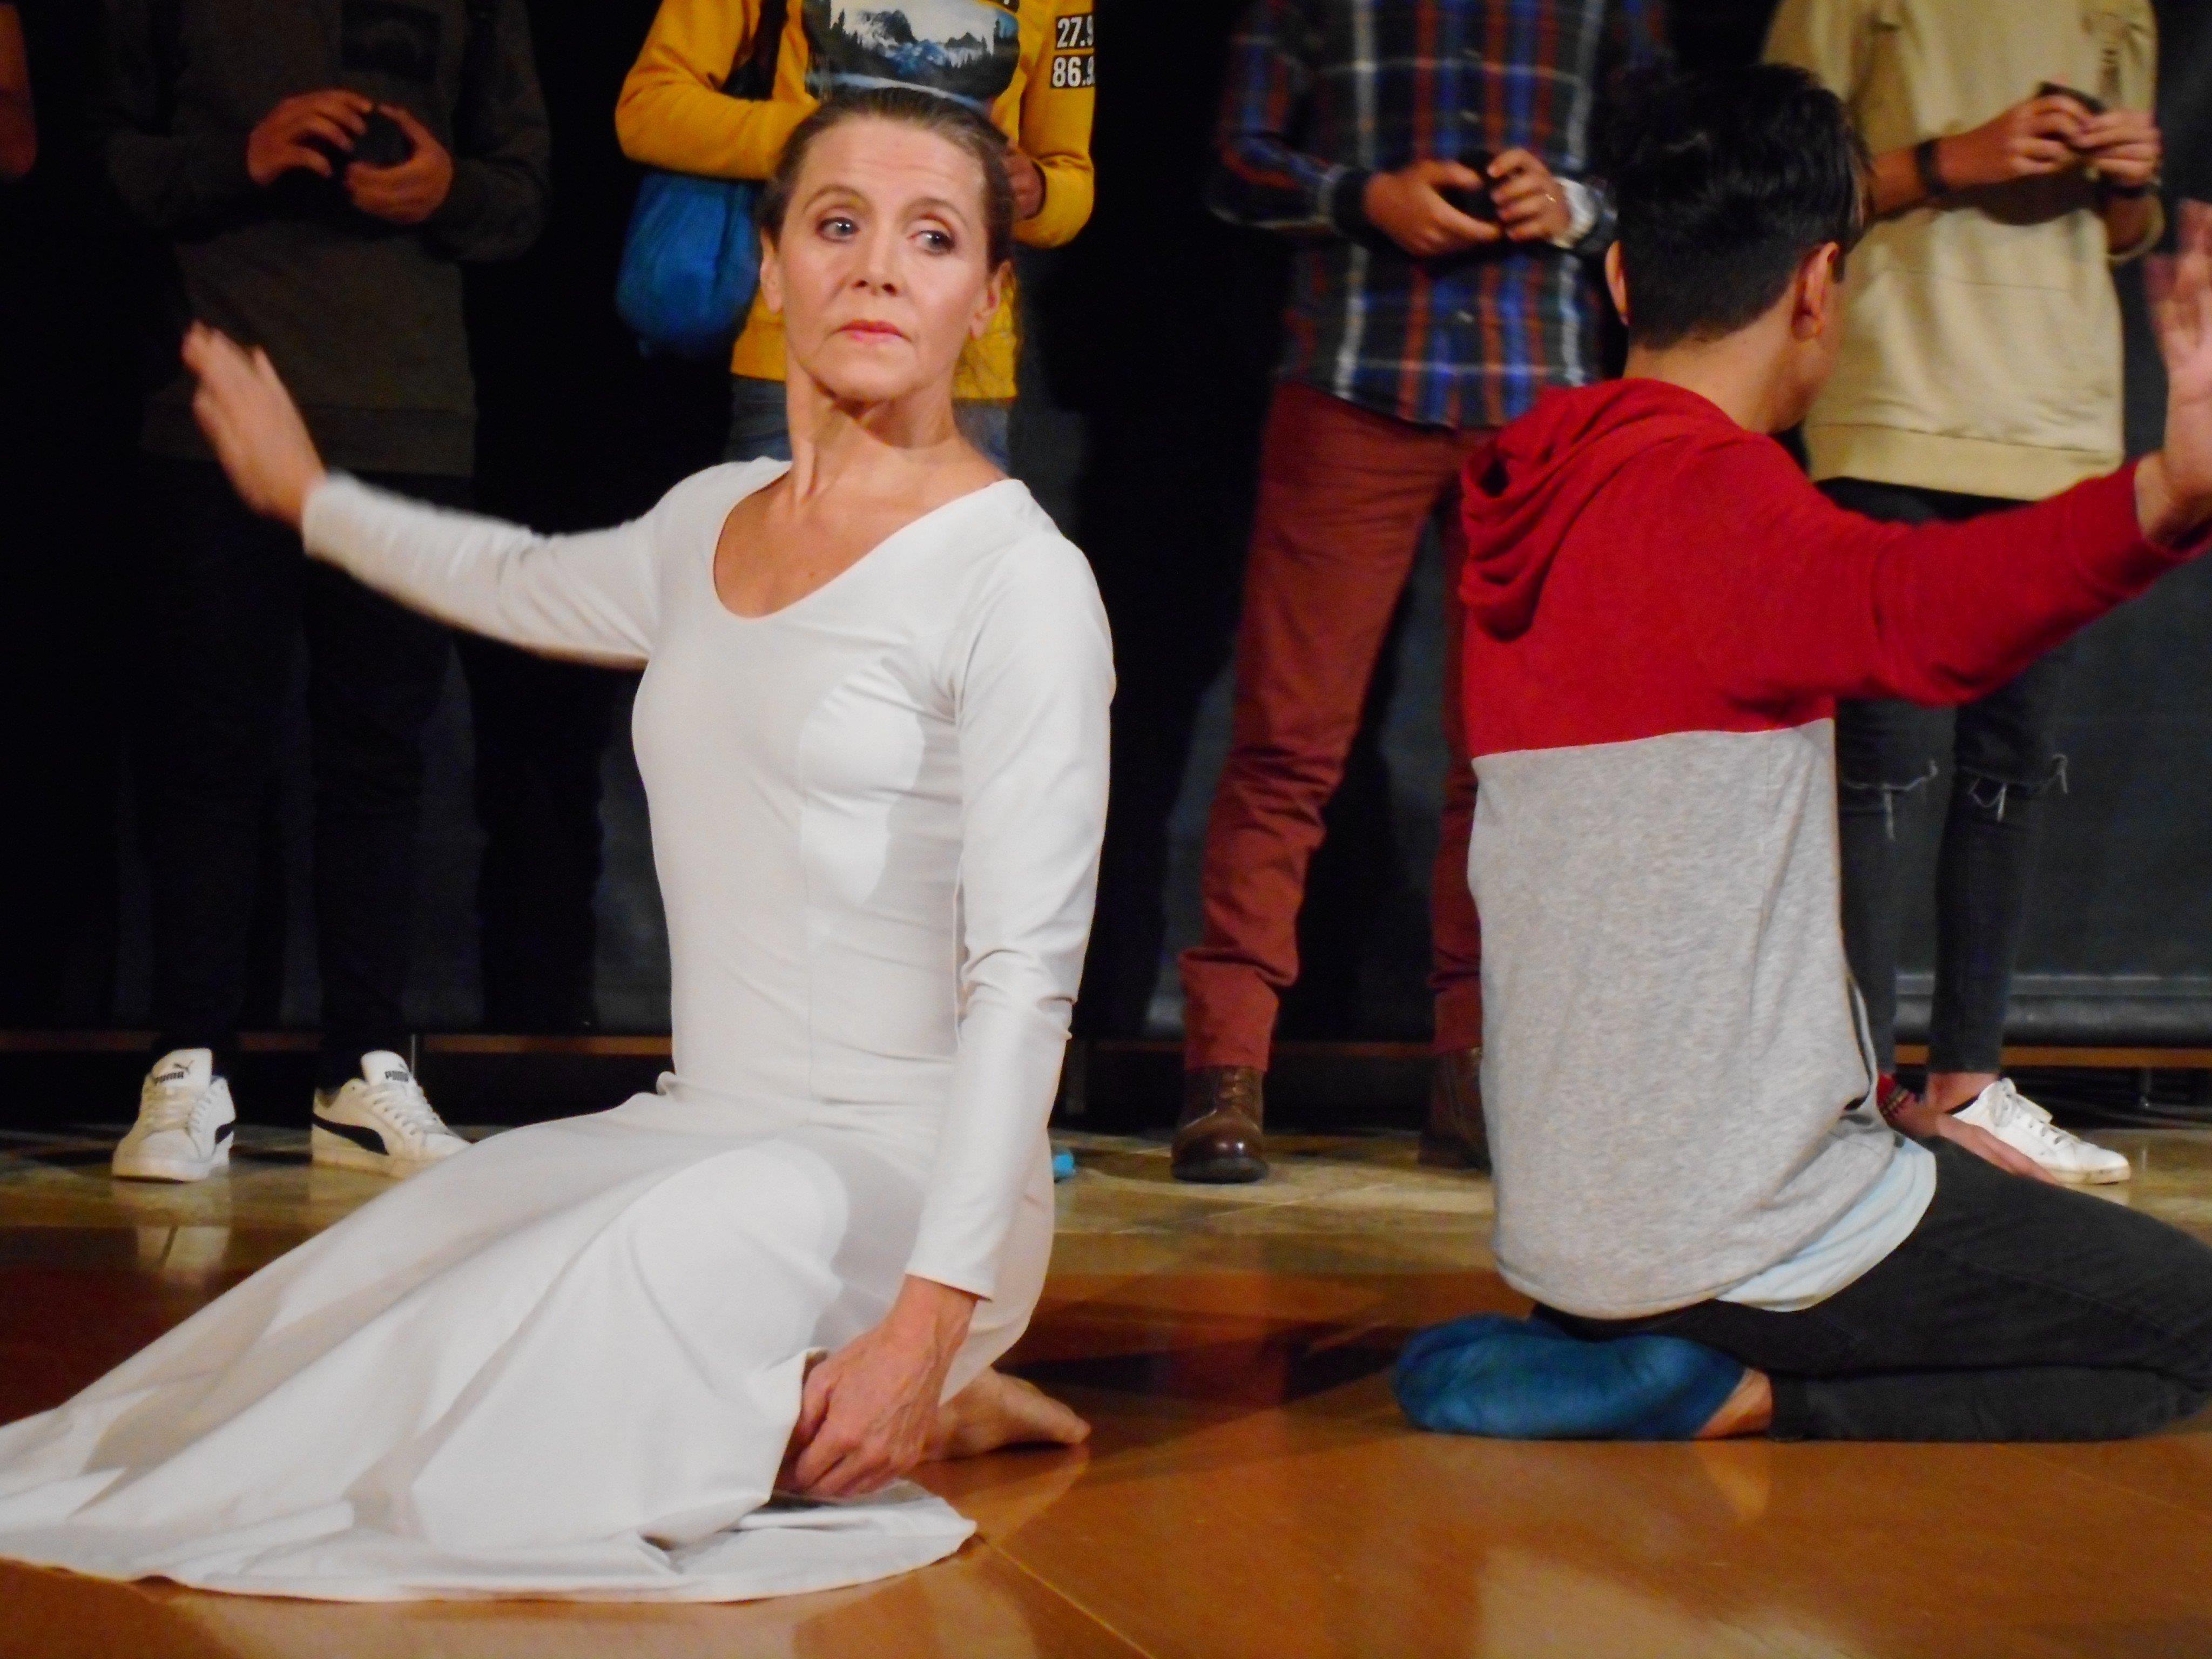 Auf unterschiedliche Weisen brachten Flüchtlinge von ihnen Erlebtes auf die Bühne - so etwa durch Tanz (hier Monika Mayer-Pavlidis und Ayman Jindi).